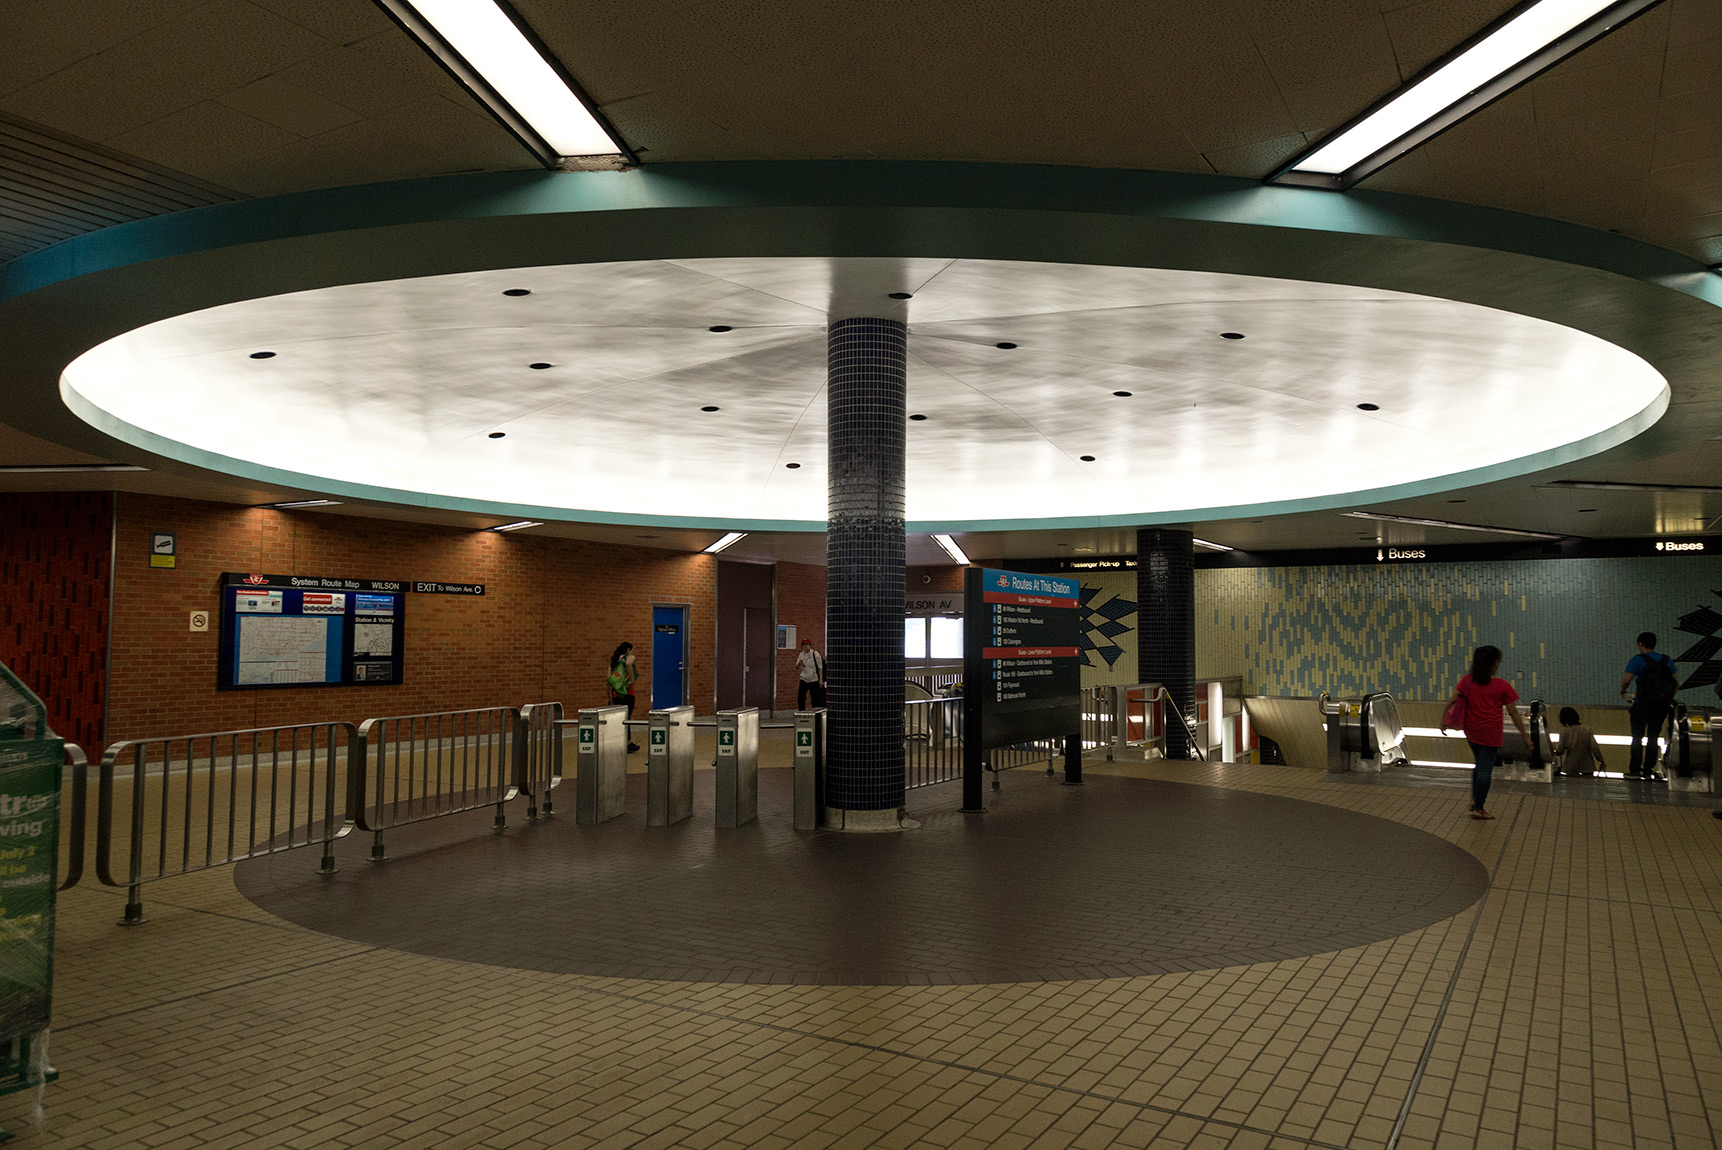 20160612. TTC's Wilson Station mushroom.